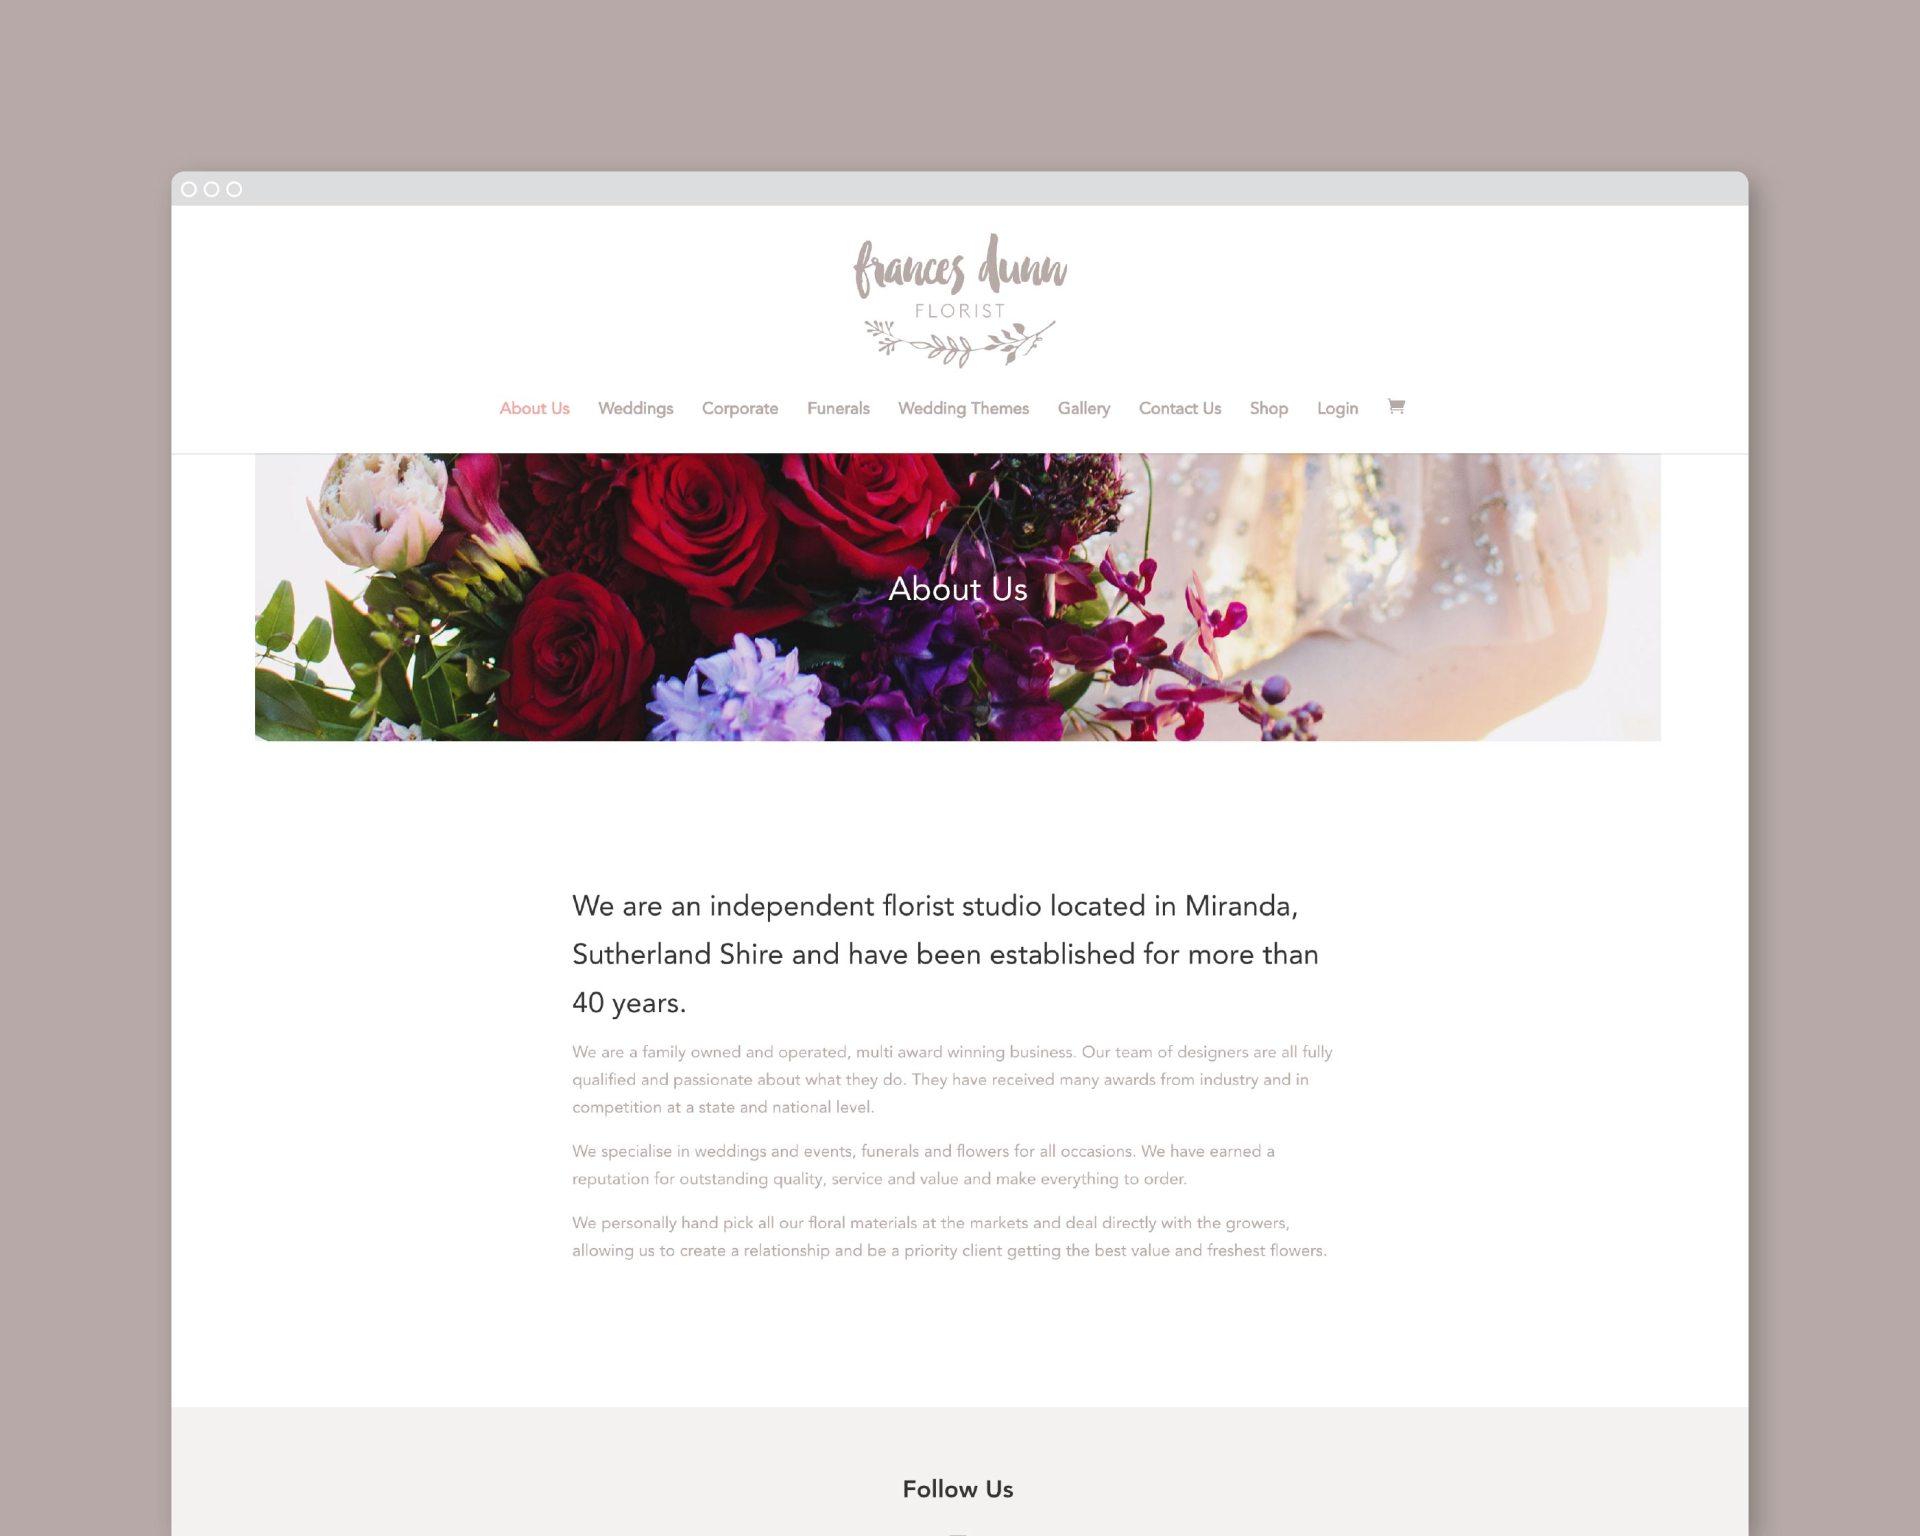 Frances Dunn Florist